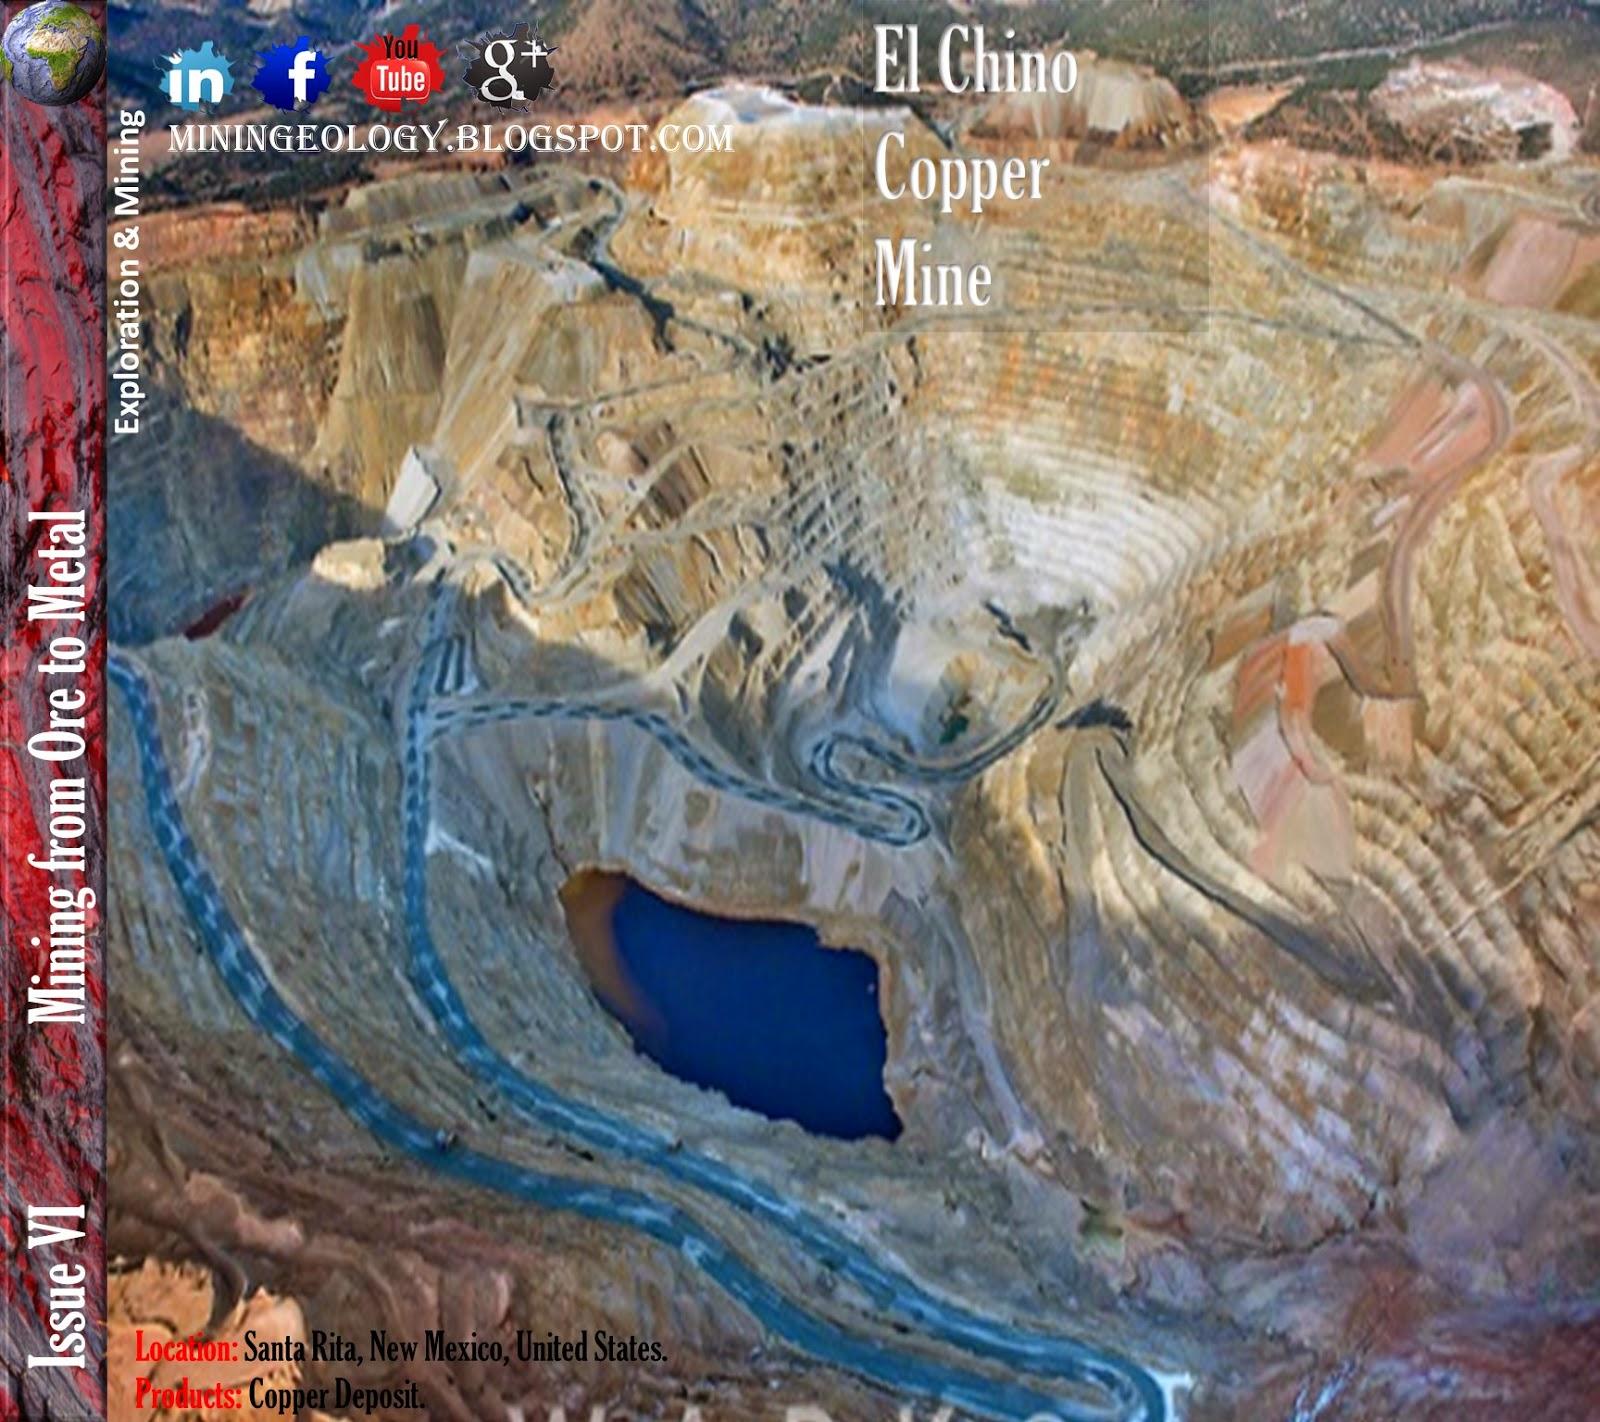 El Chino CopperMine